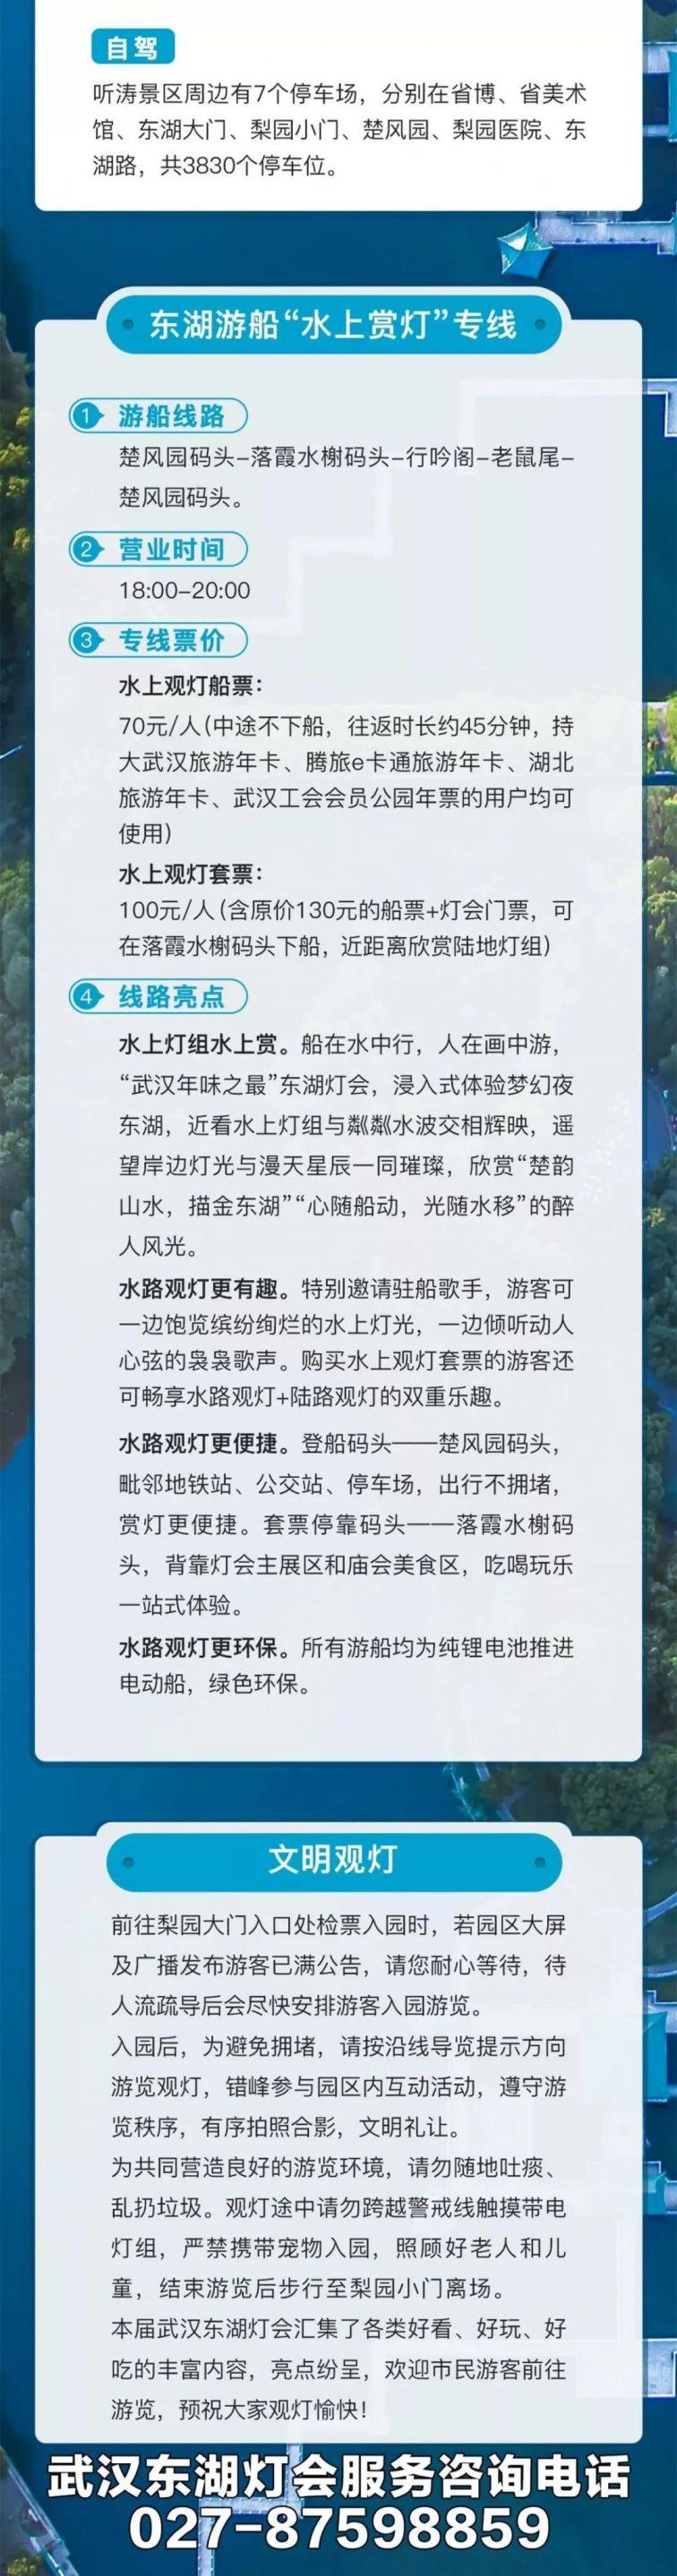 2020武汉东湖灯会游玩攻略(时间+亮点+门票)